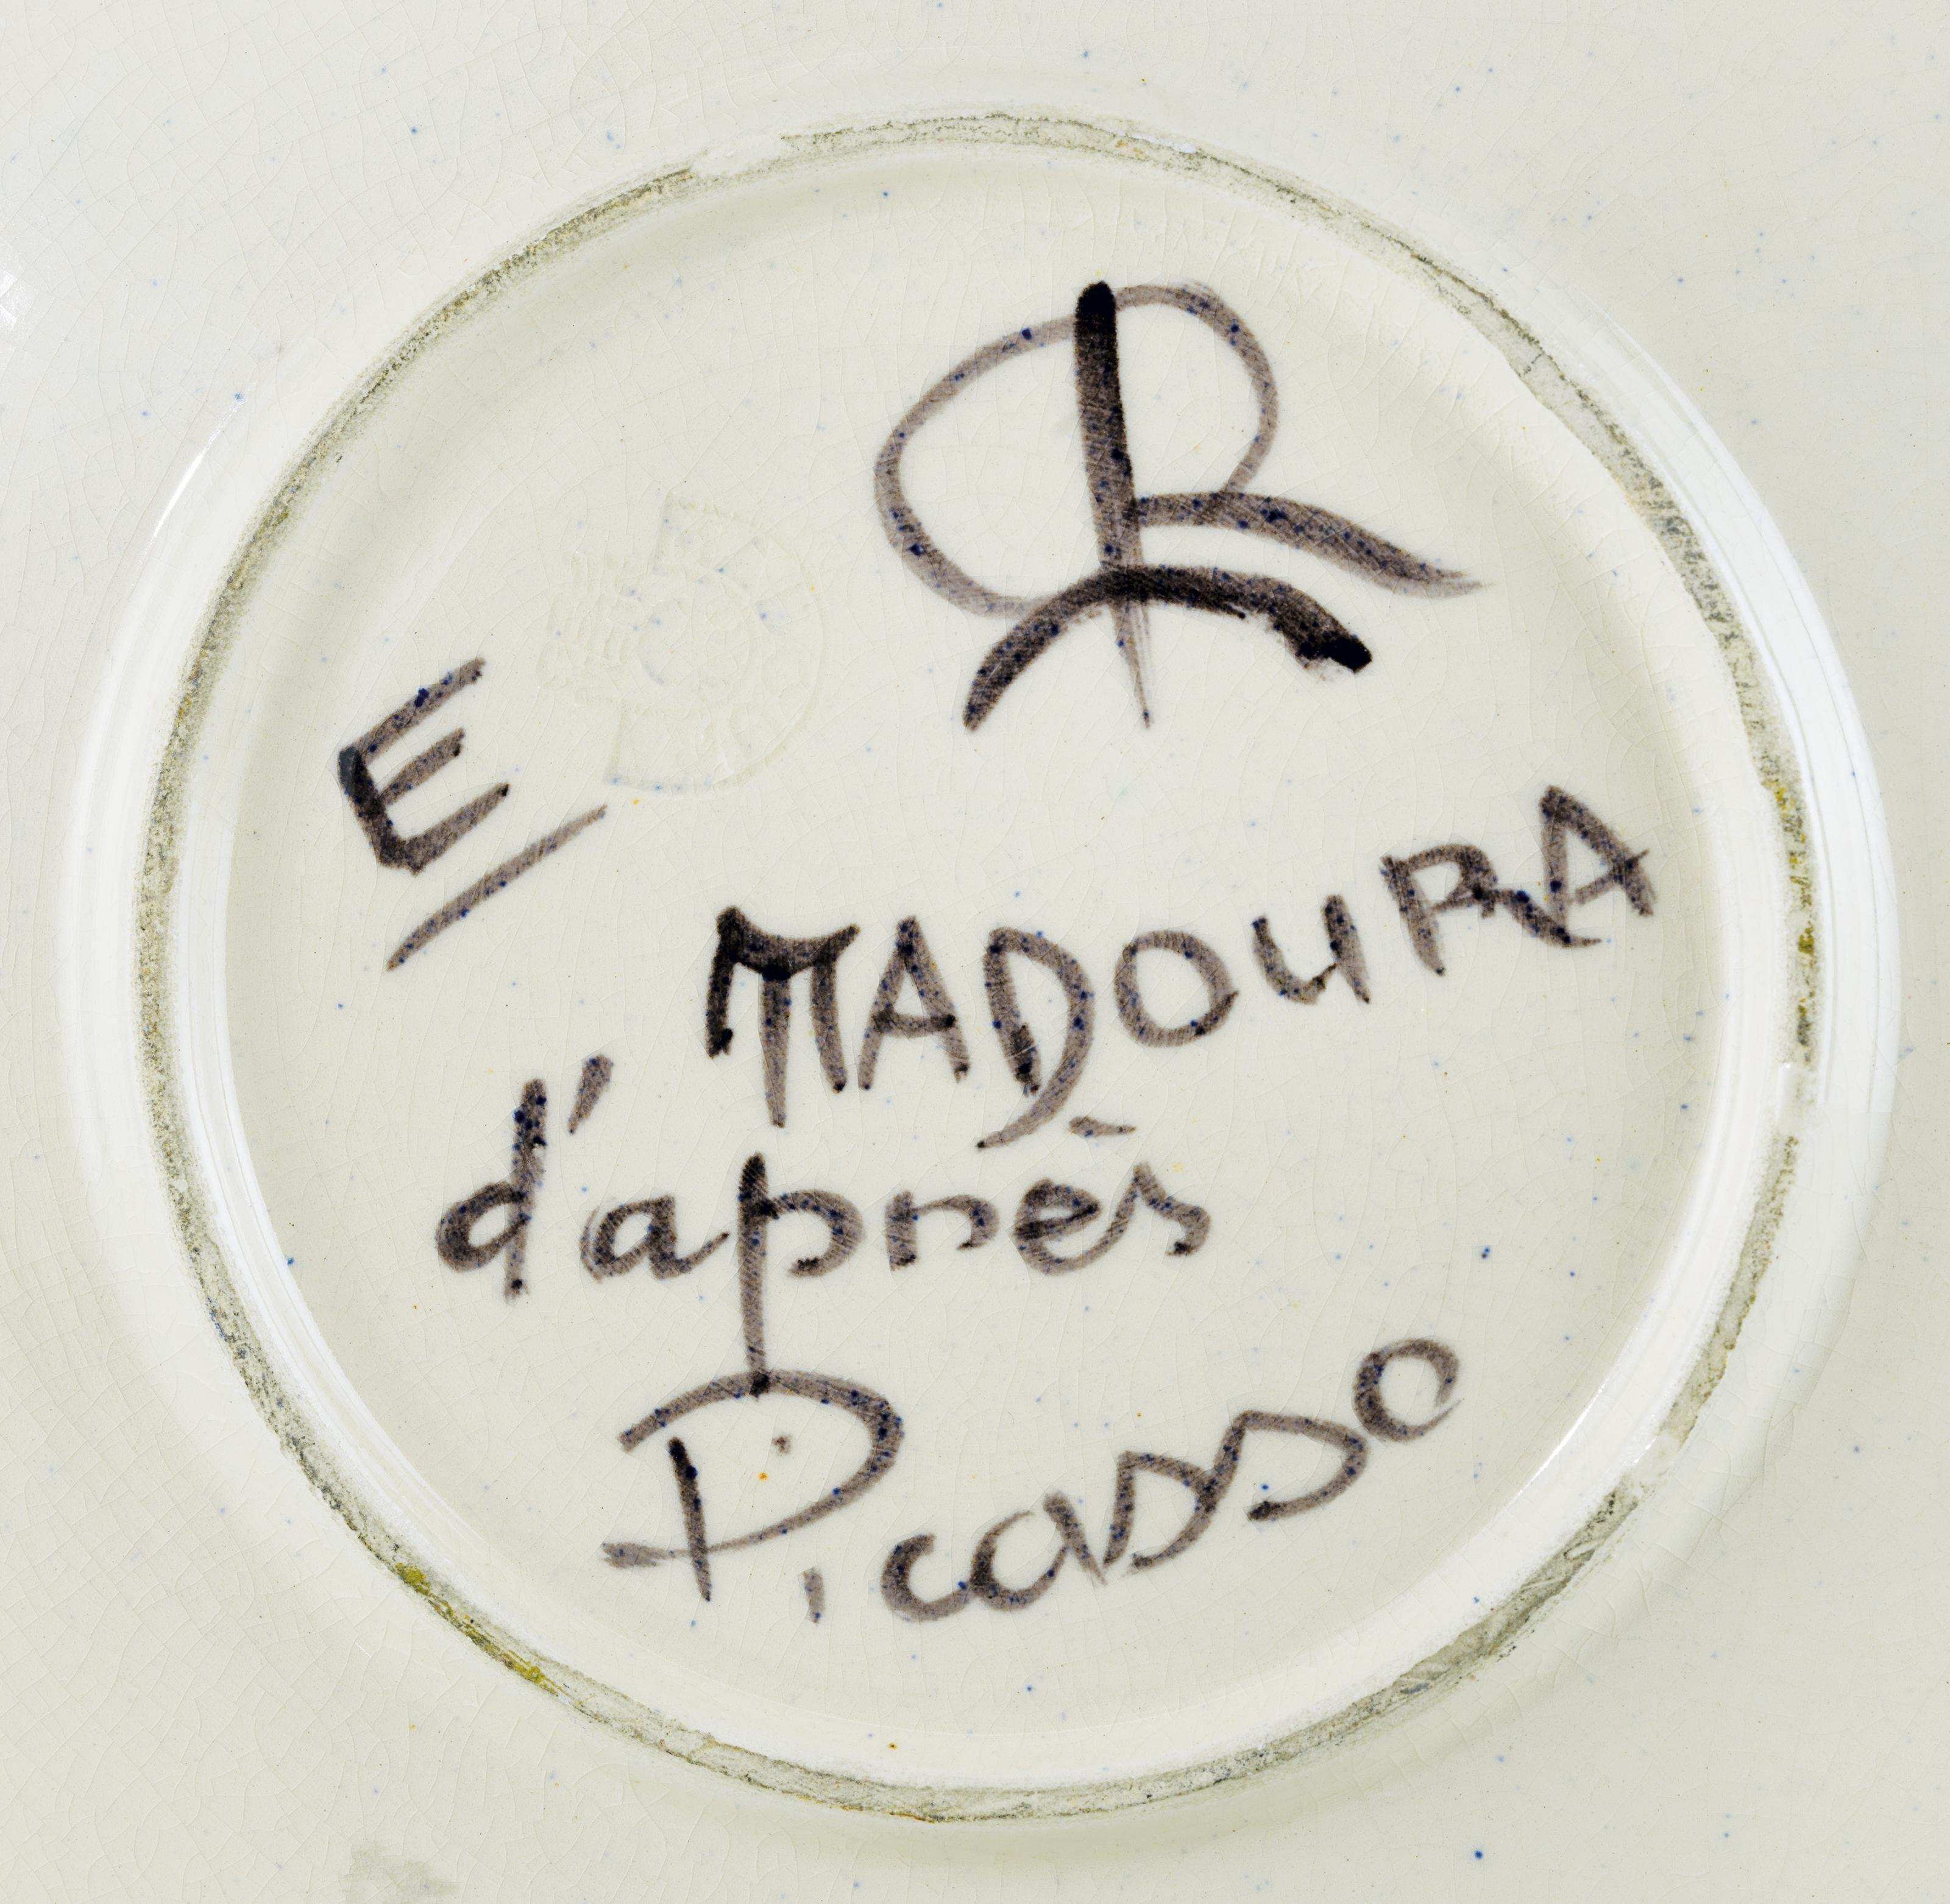 1d15c562246 PABLO PICASSO (1881-1973)Service visage noir (A.R. 40)stamped and